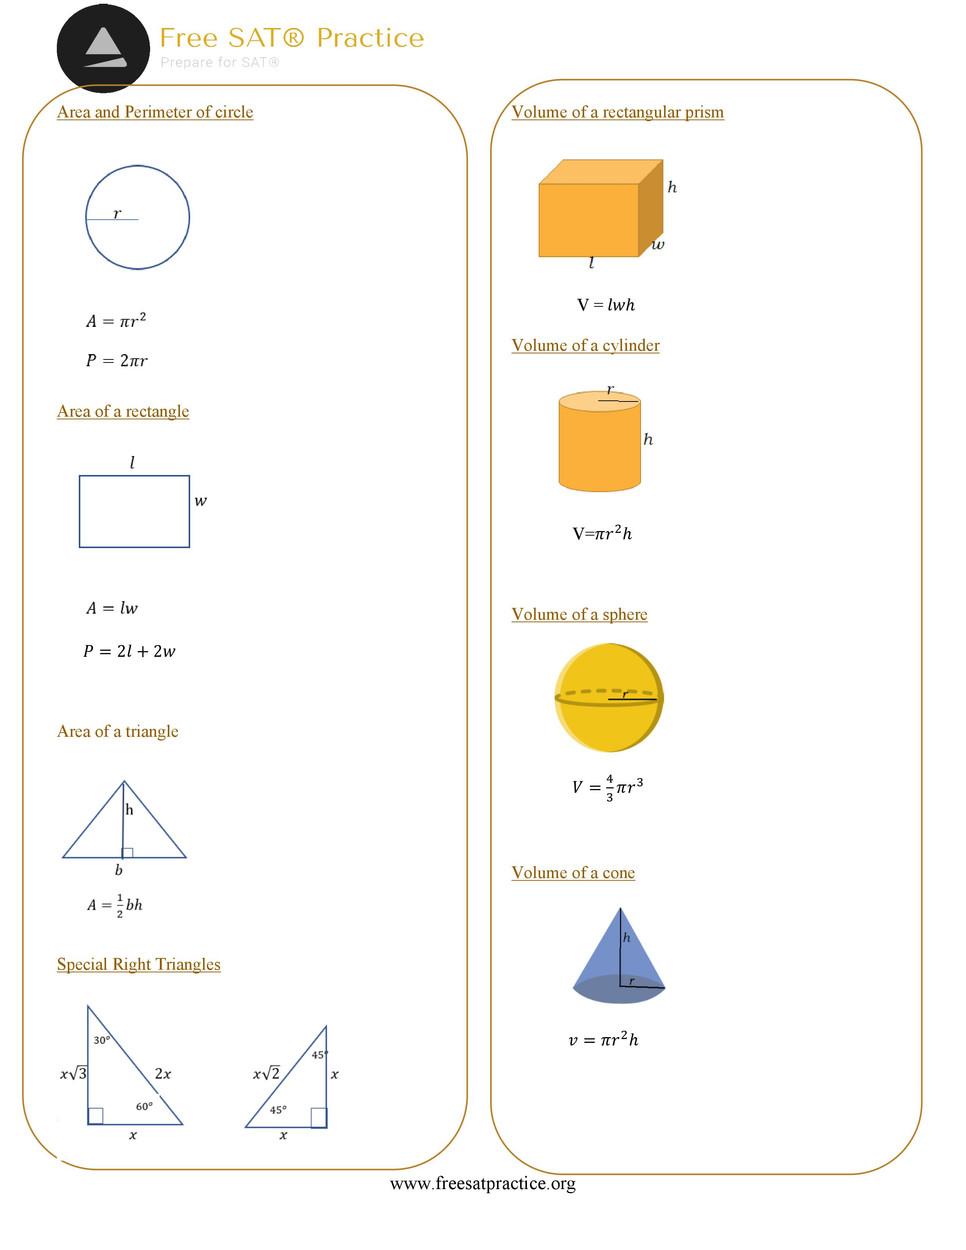 SAT® formula sheets